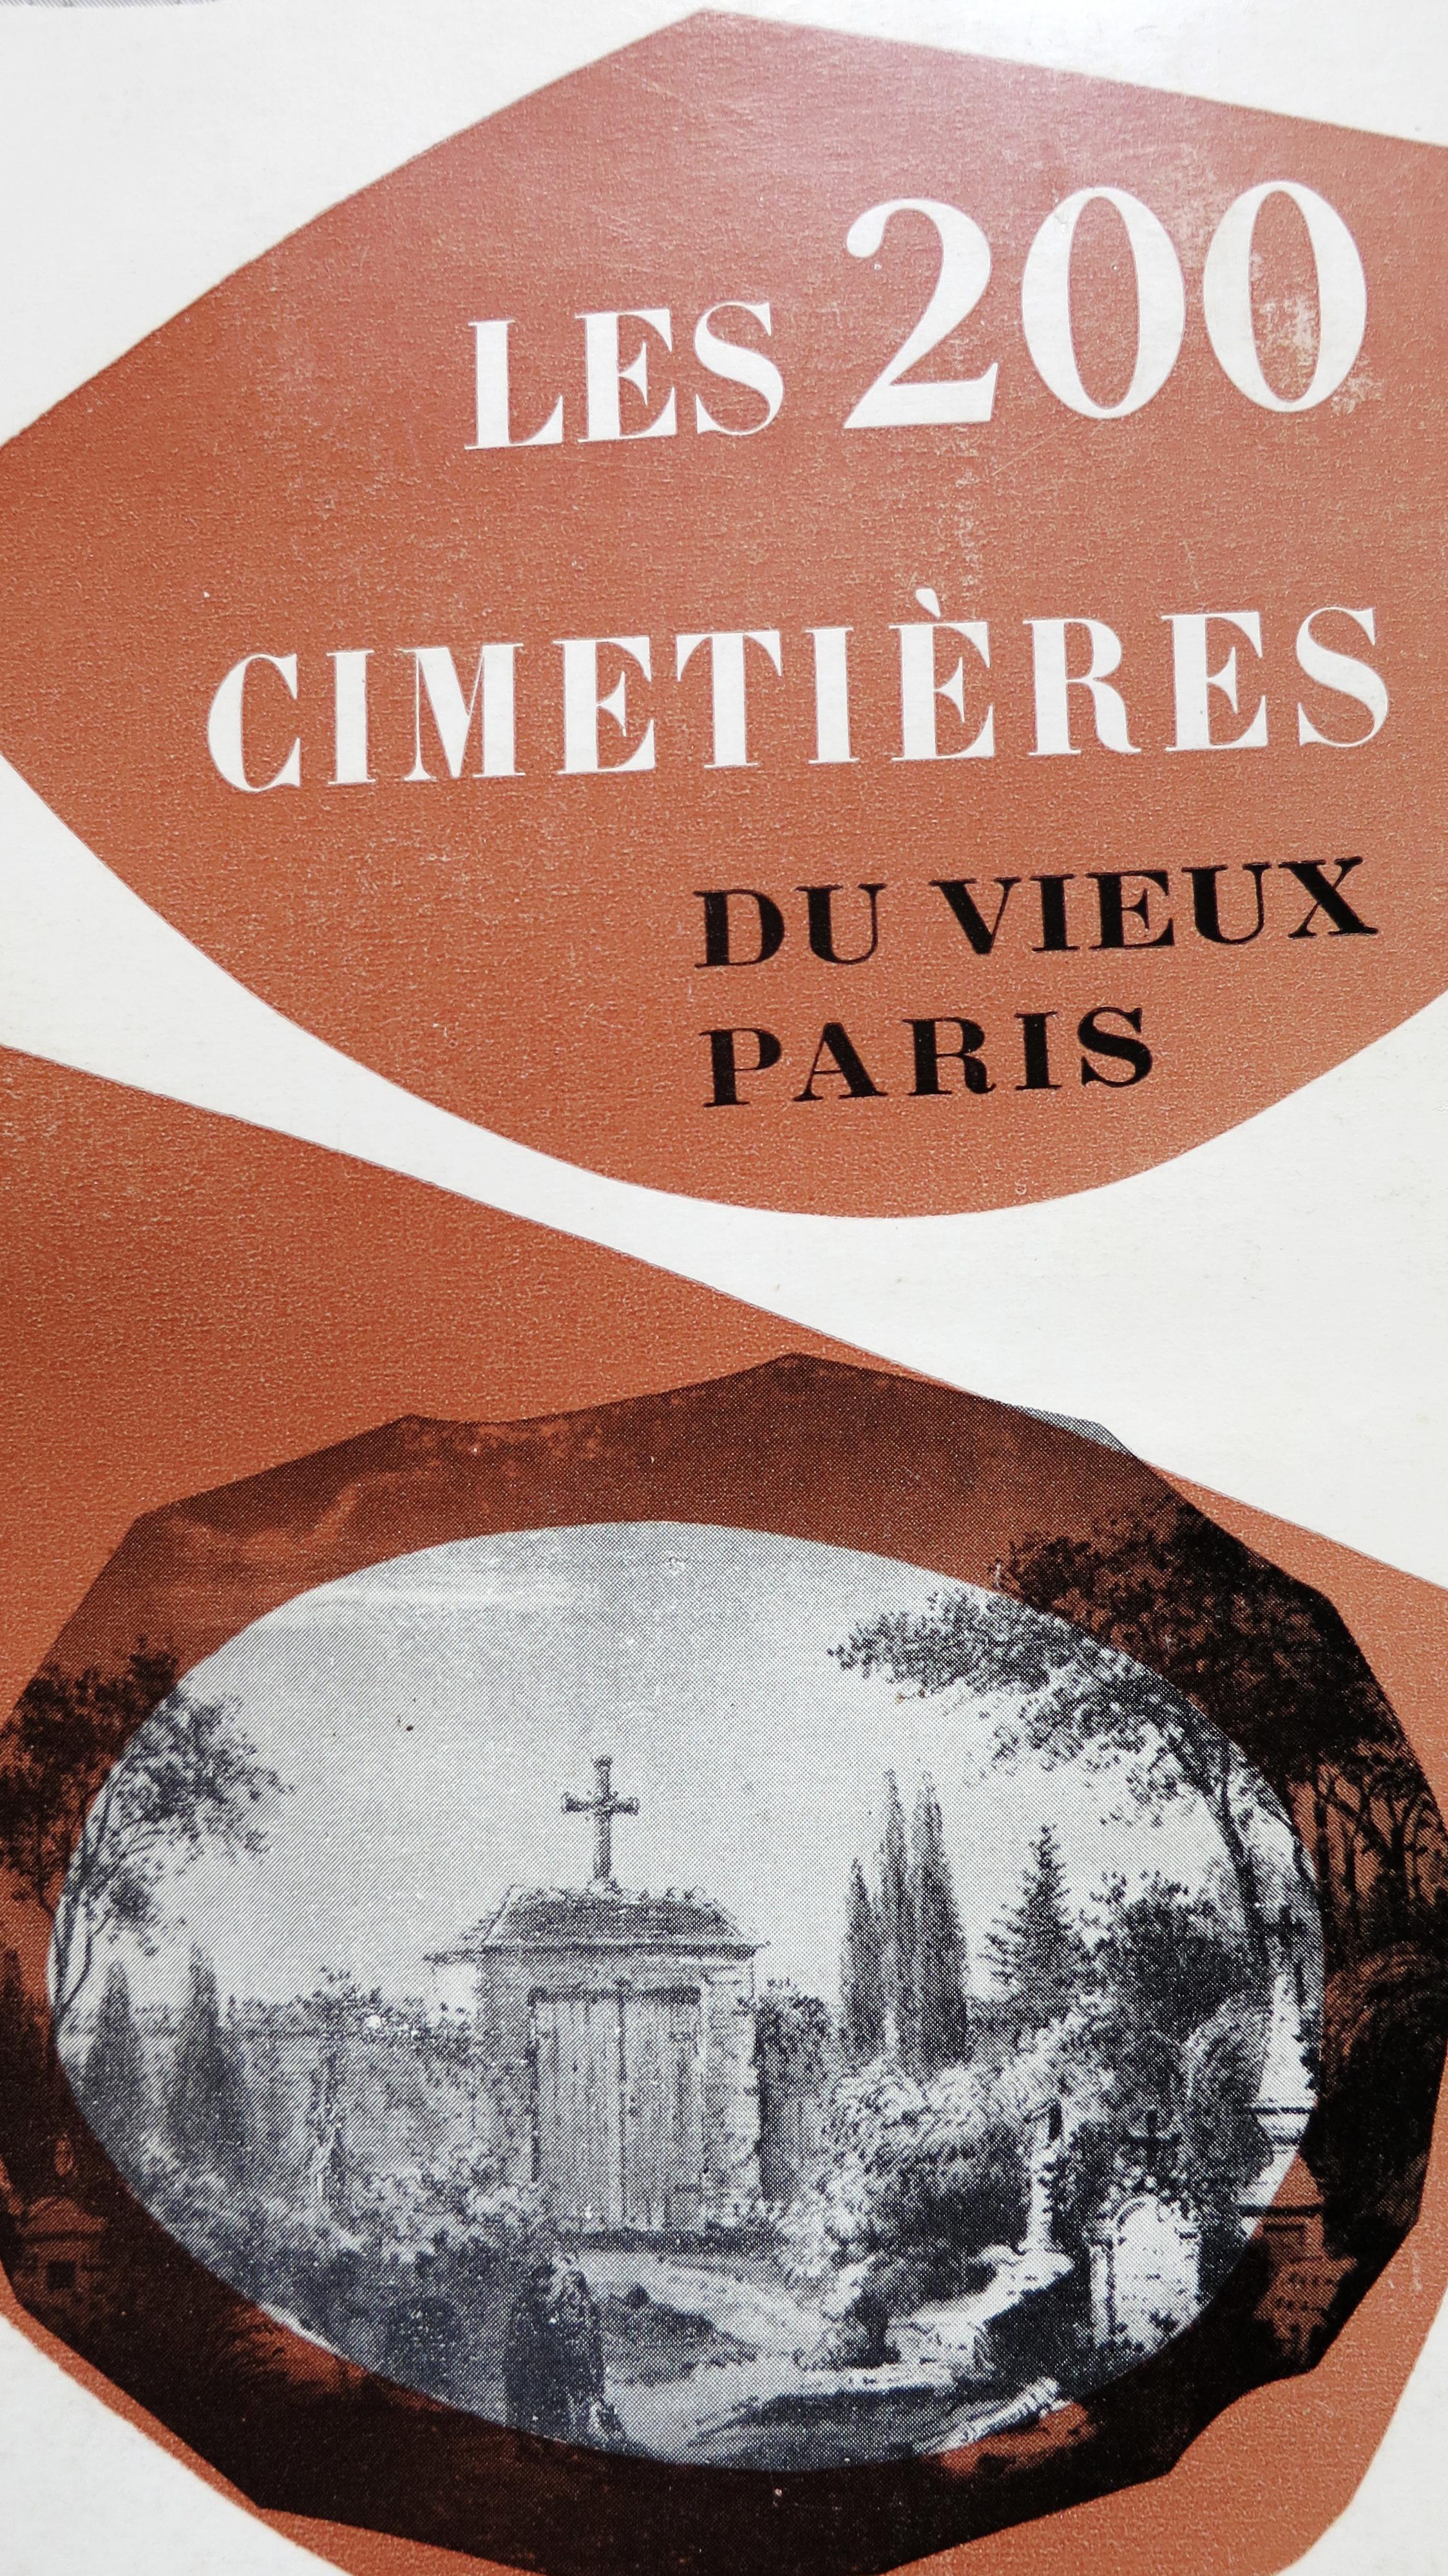 Les 200 cimetières du vieux Paris